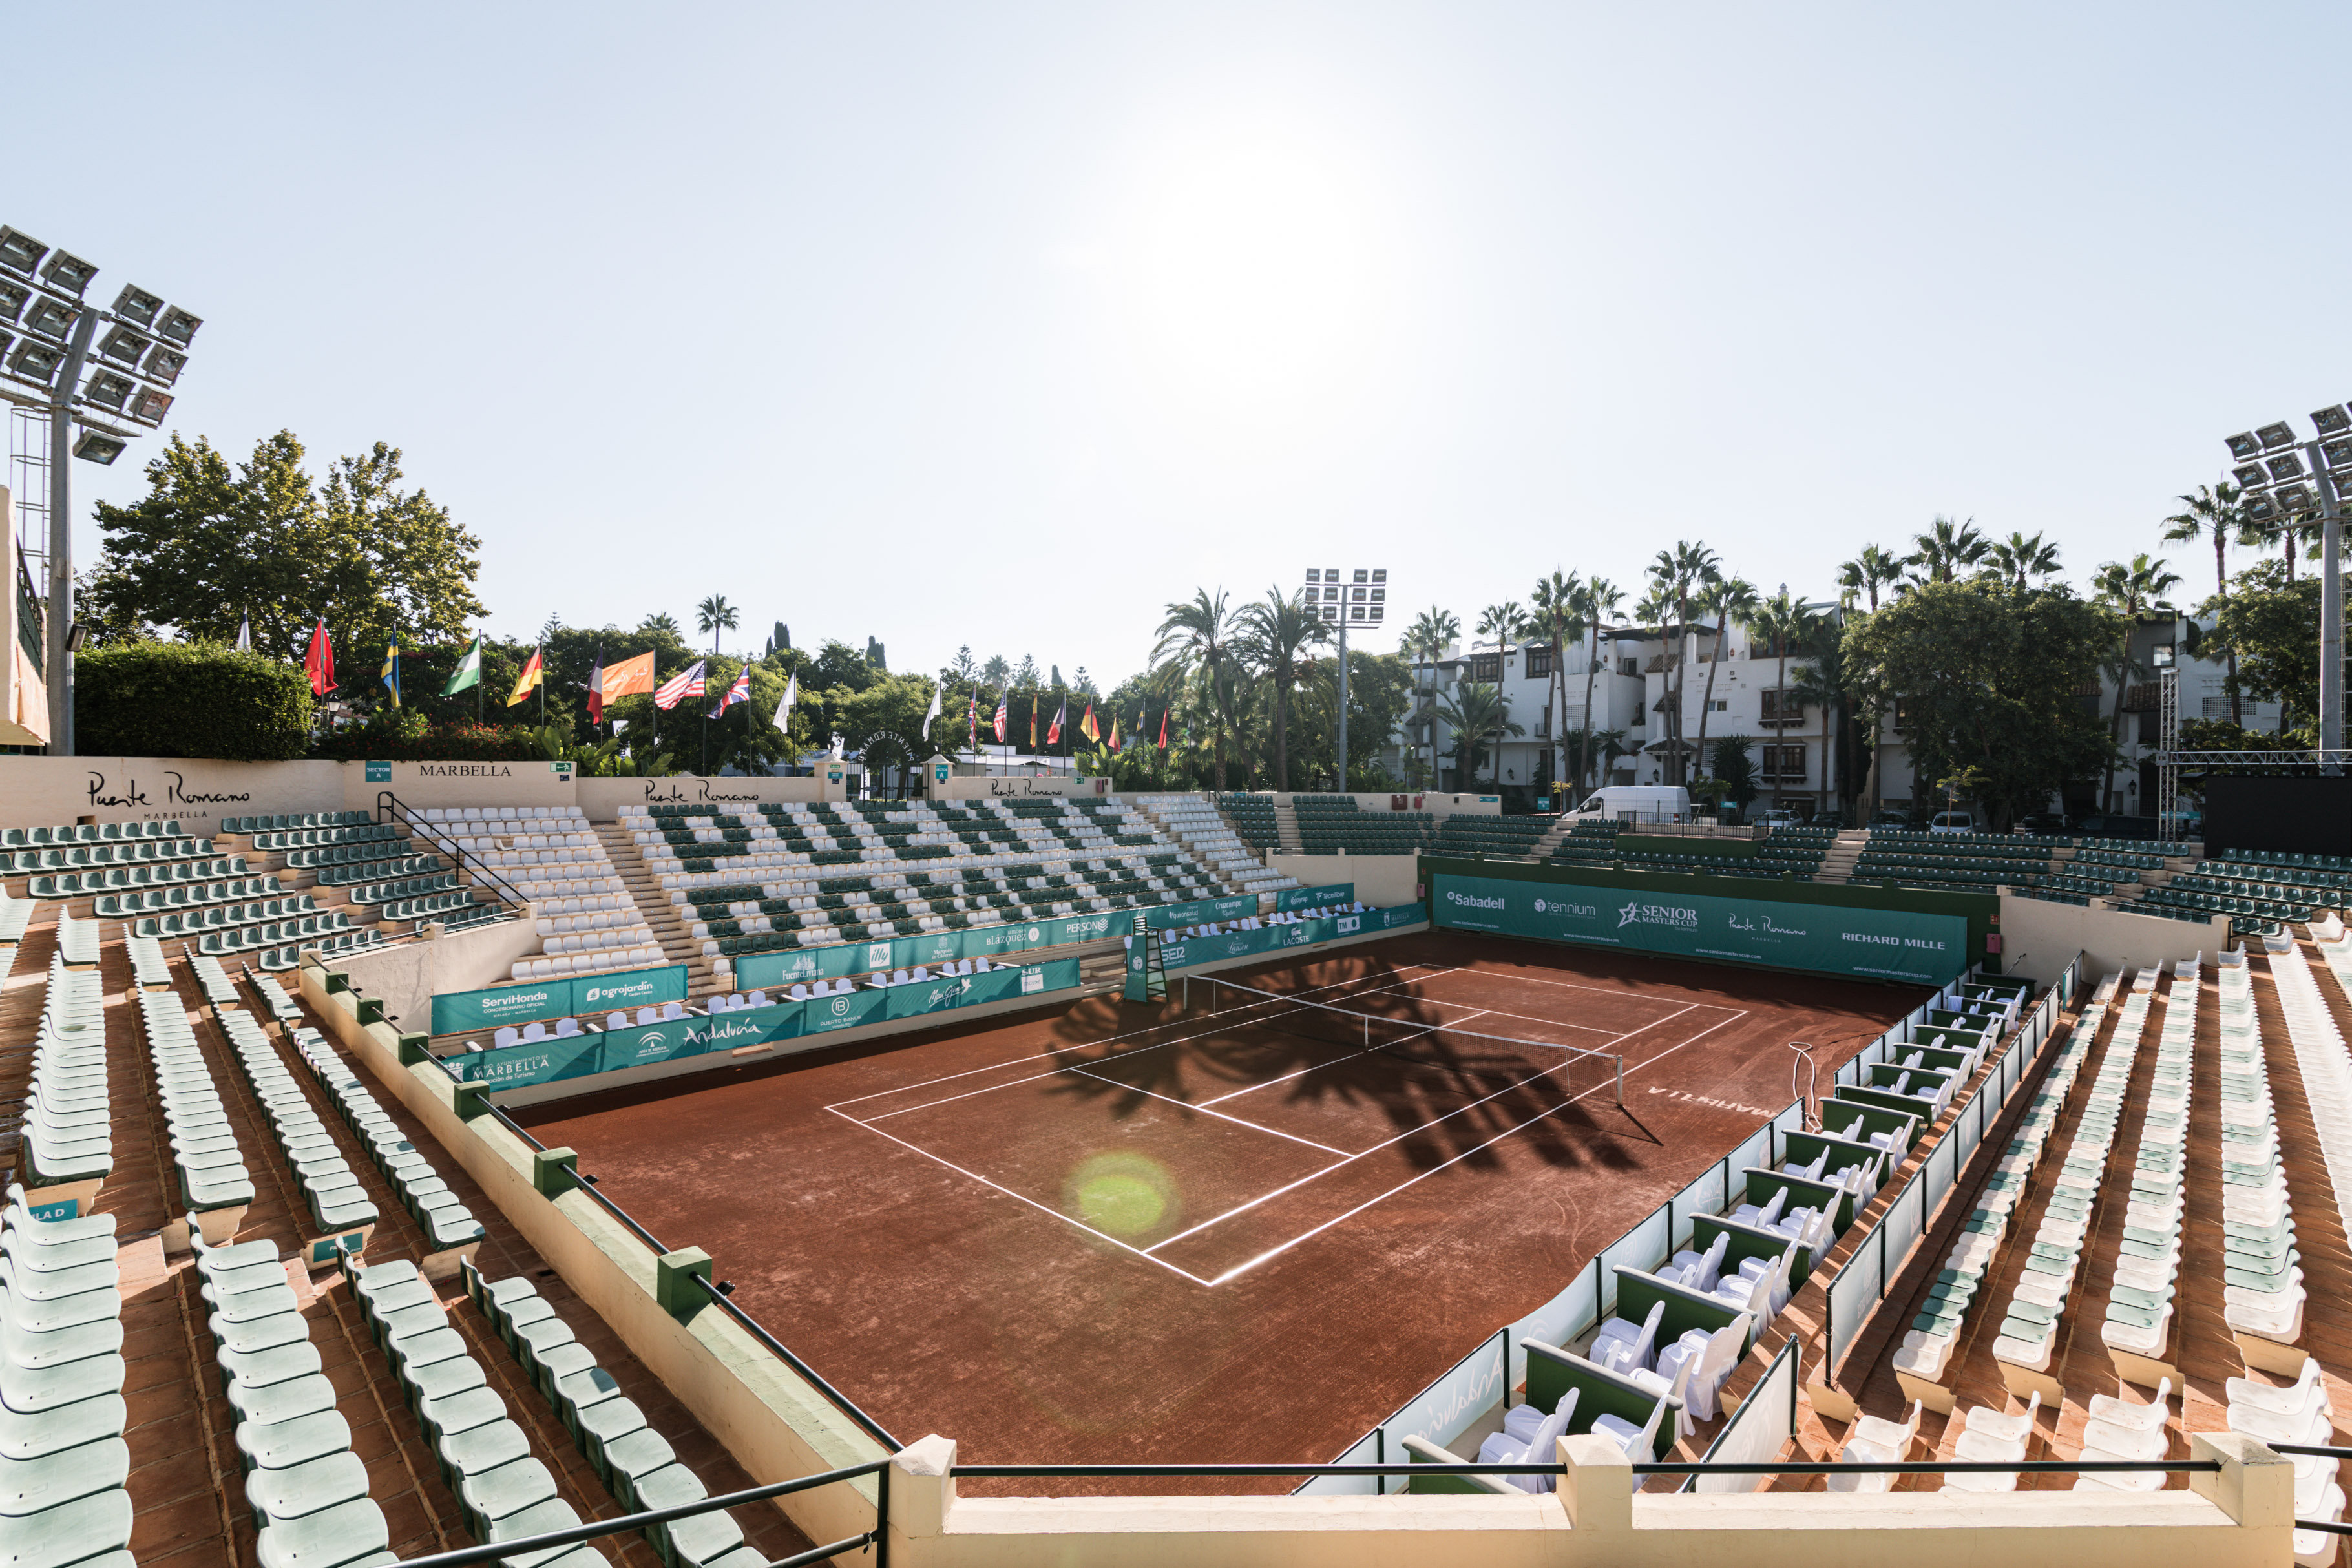 club-de-tenis-puente-romano